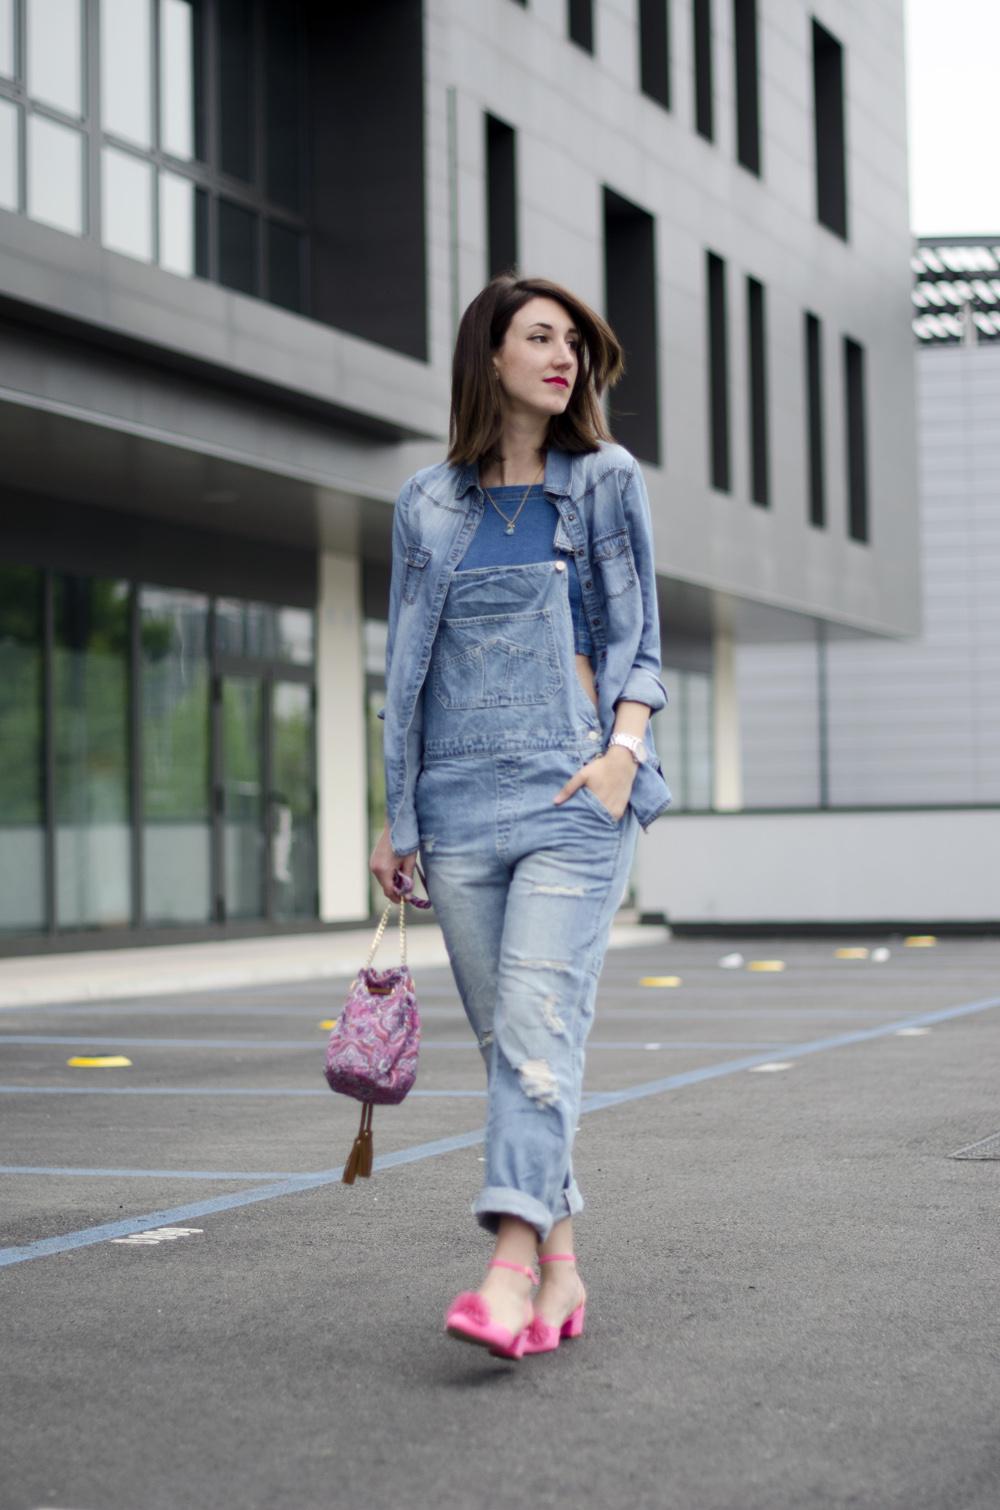 denim total look | abbinare jeans |come abbinare jeans